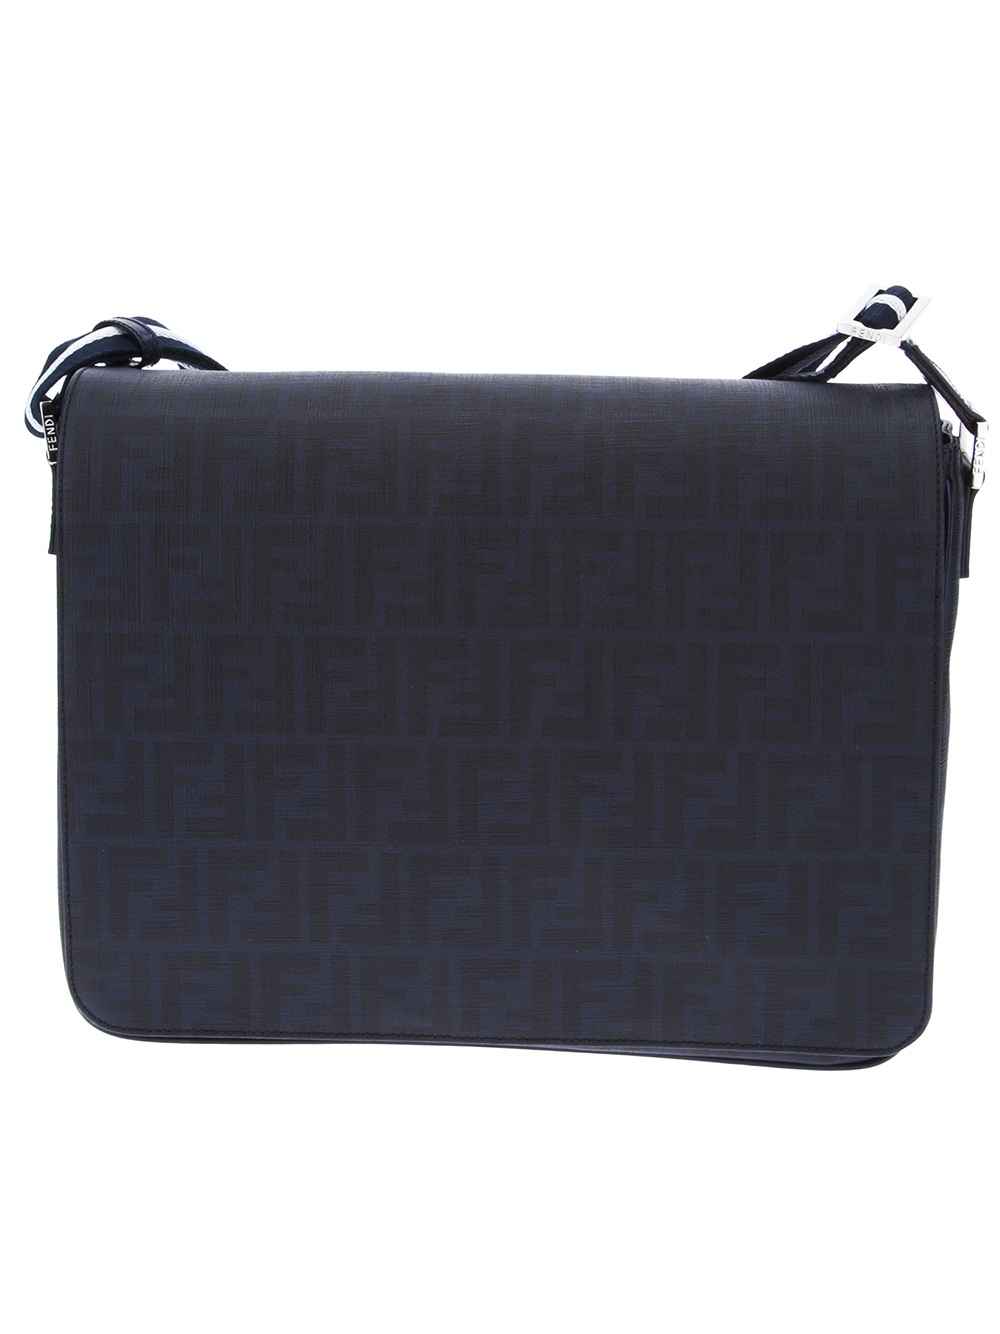 5e5505c0626 Fendi Zucca Forever Messenger Bag in Blue for Men - Lyst